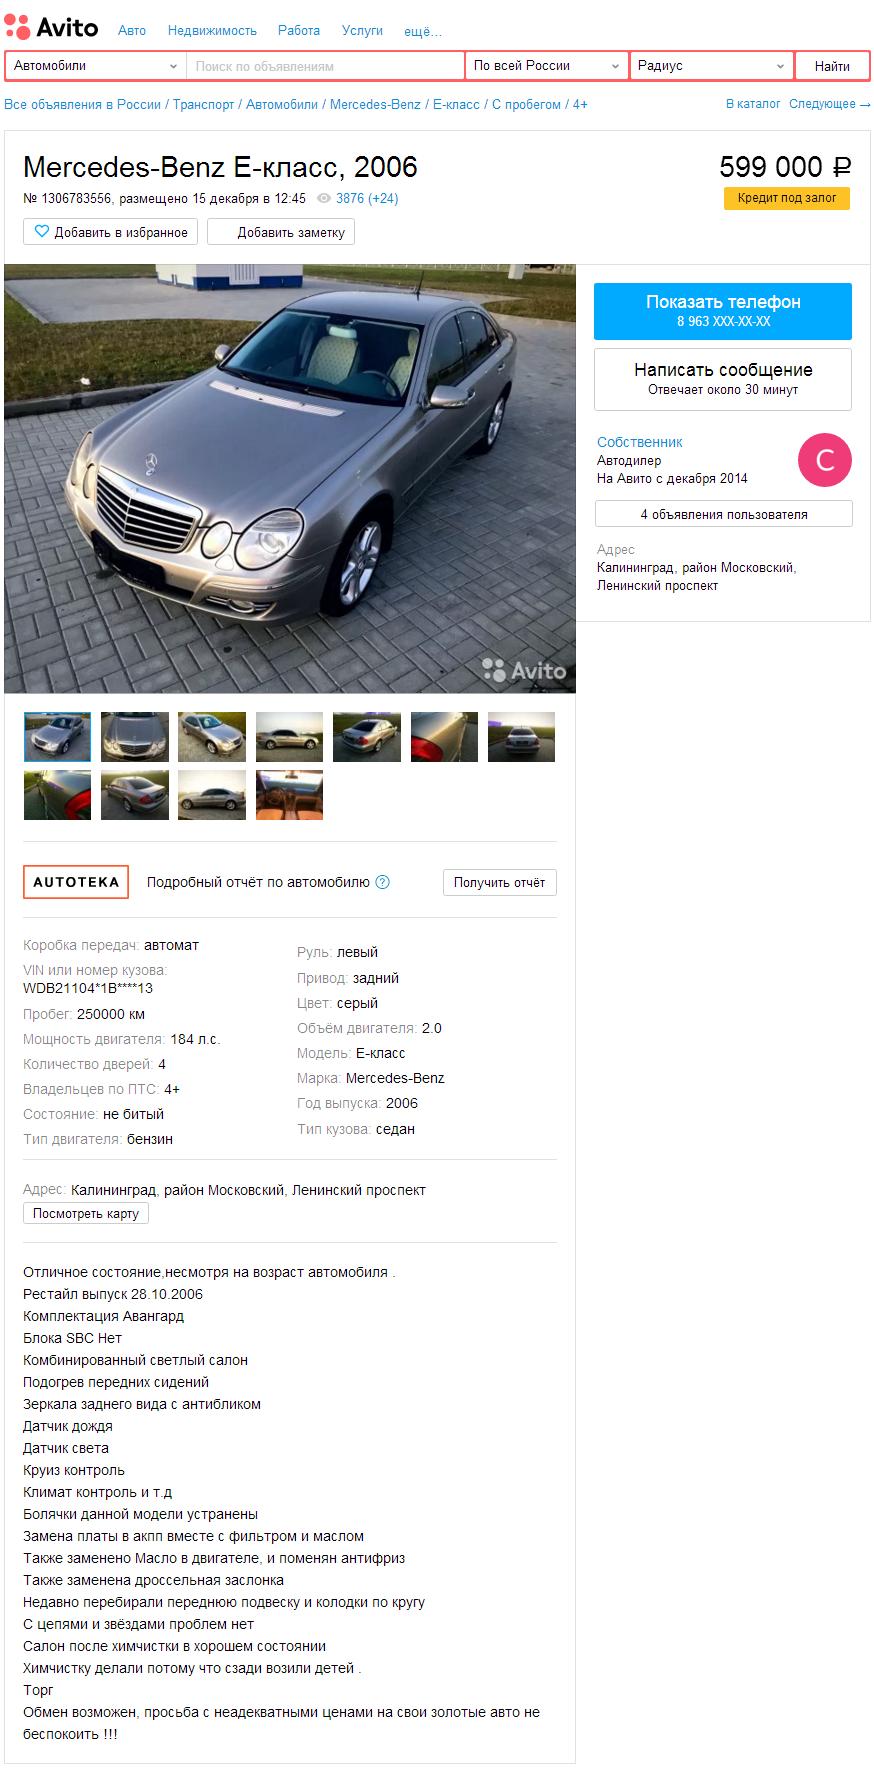 объявление о продаже Mercedes-Benz E-class W211